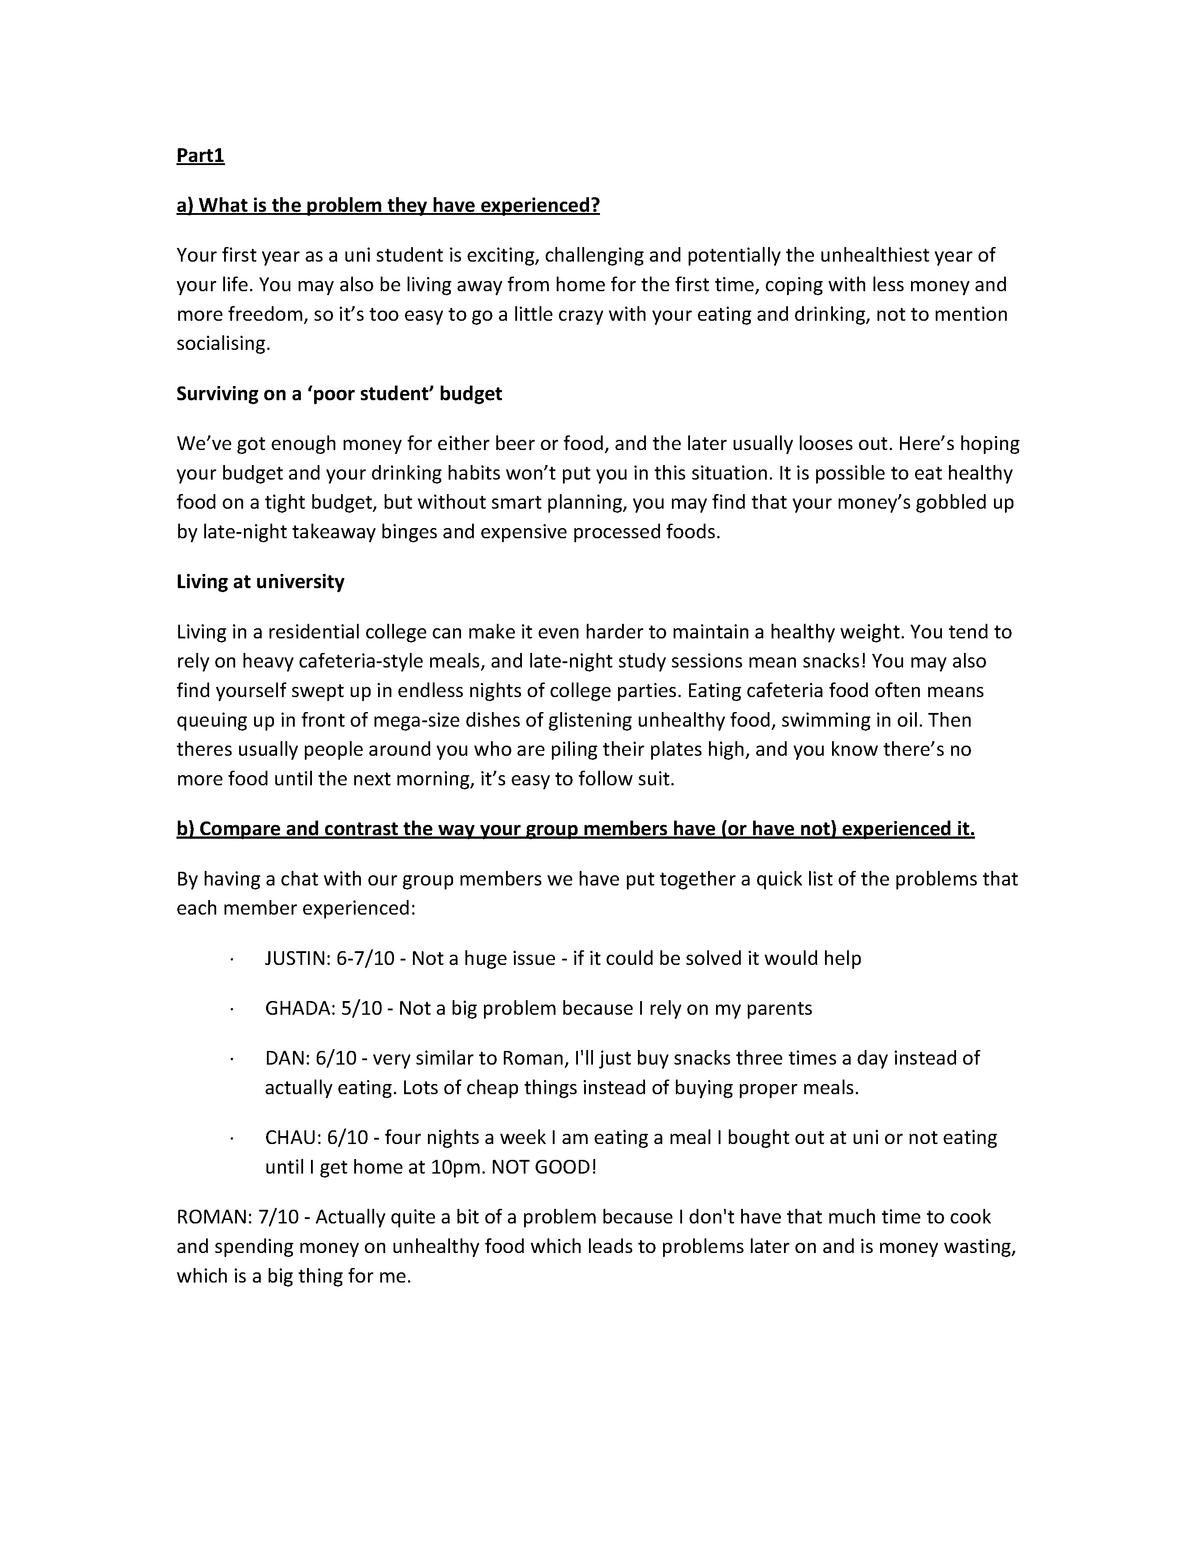 IBP Task1 - Task 1 problem area food - 26100: Integrating Business